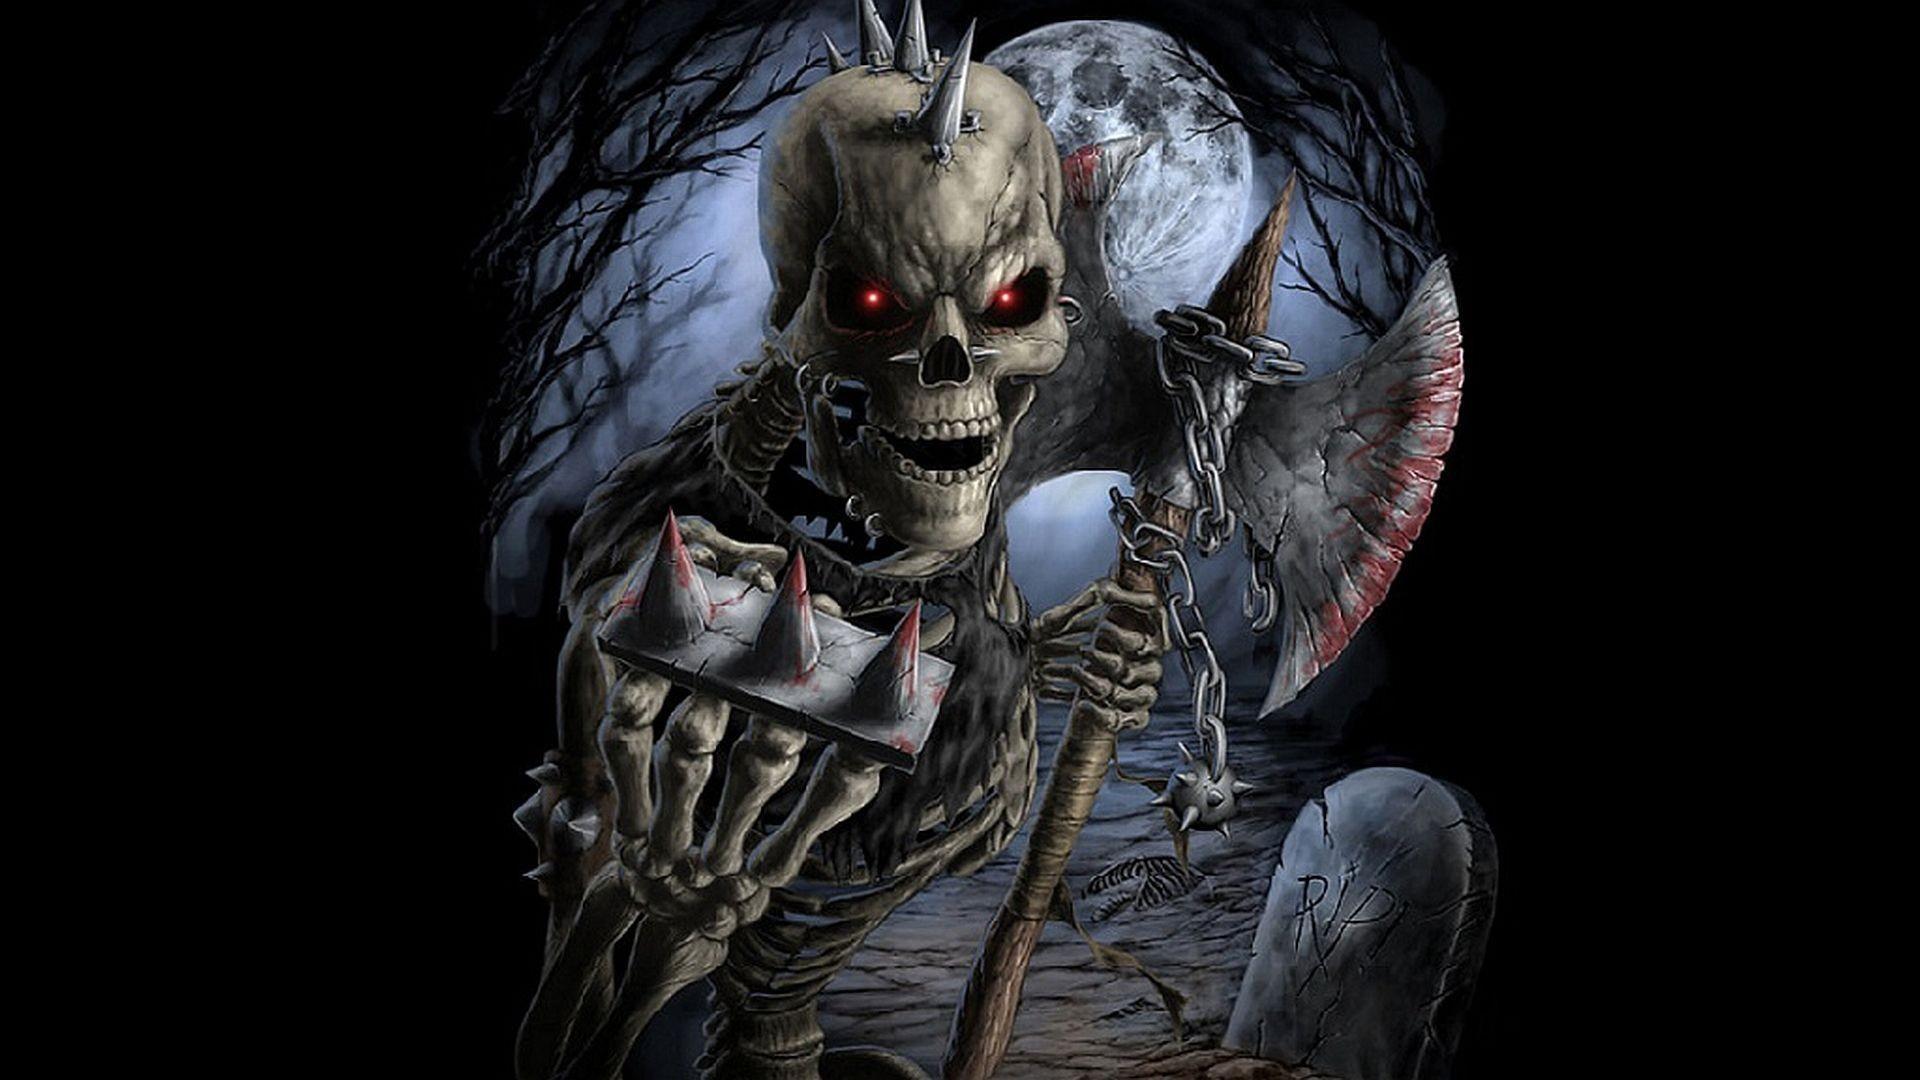 Gothic skull wallpaper - Scary skeleton games ...